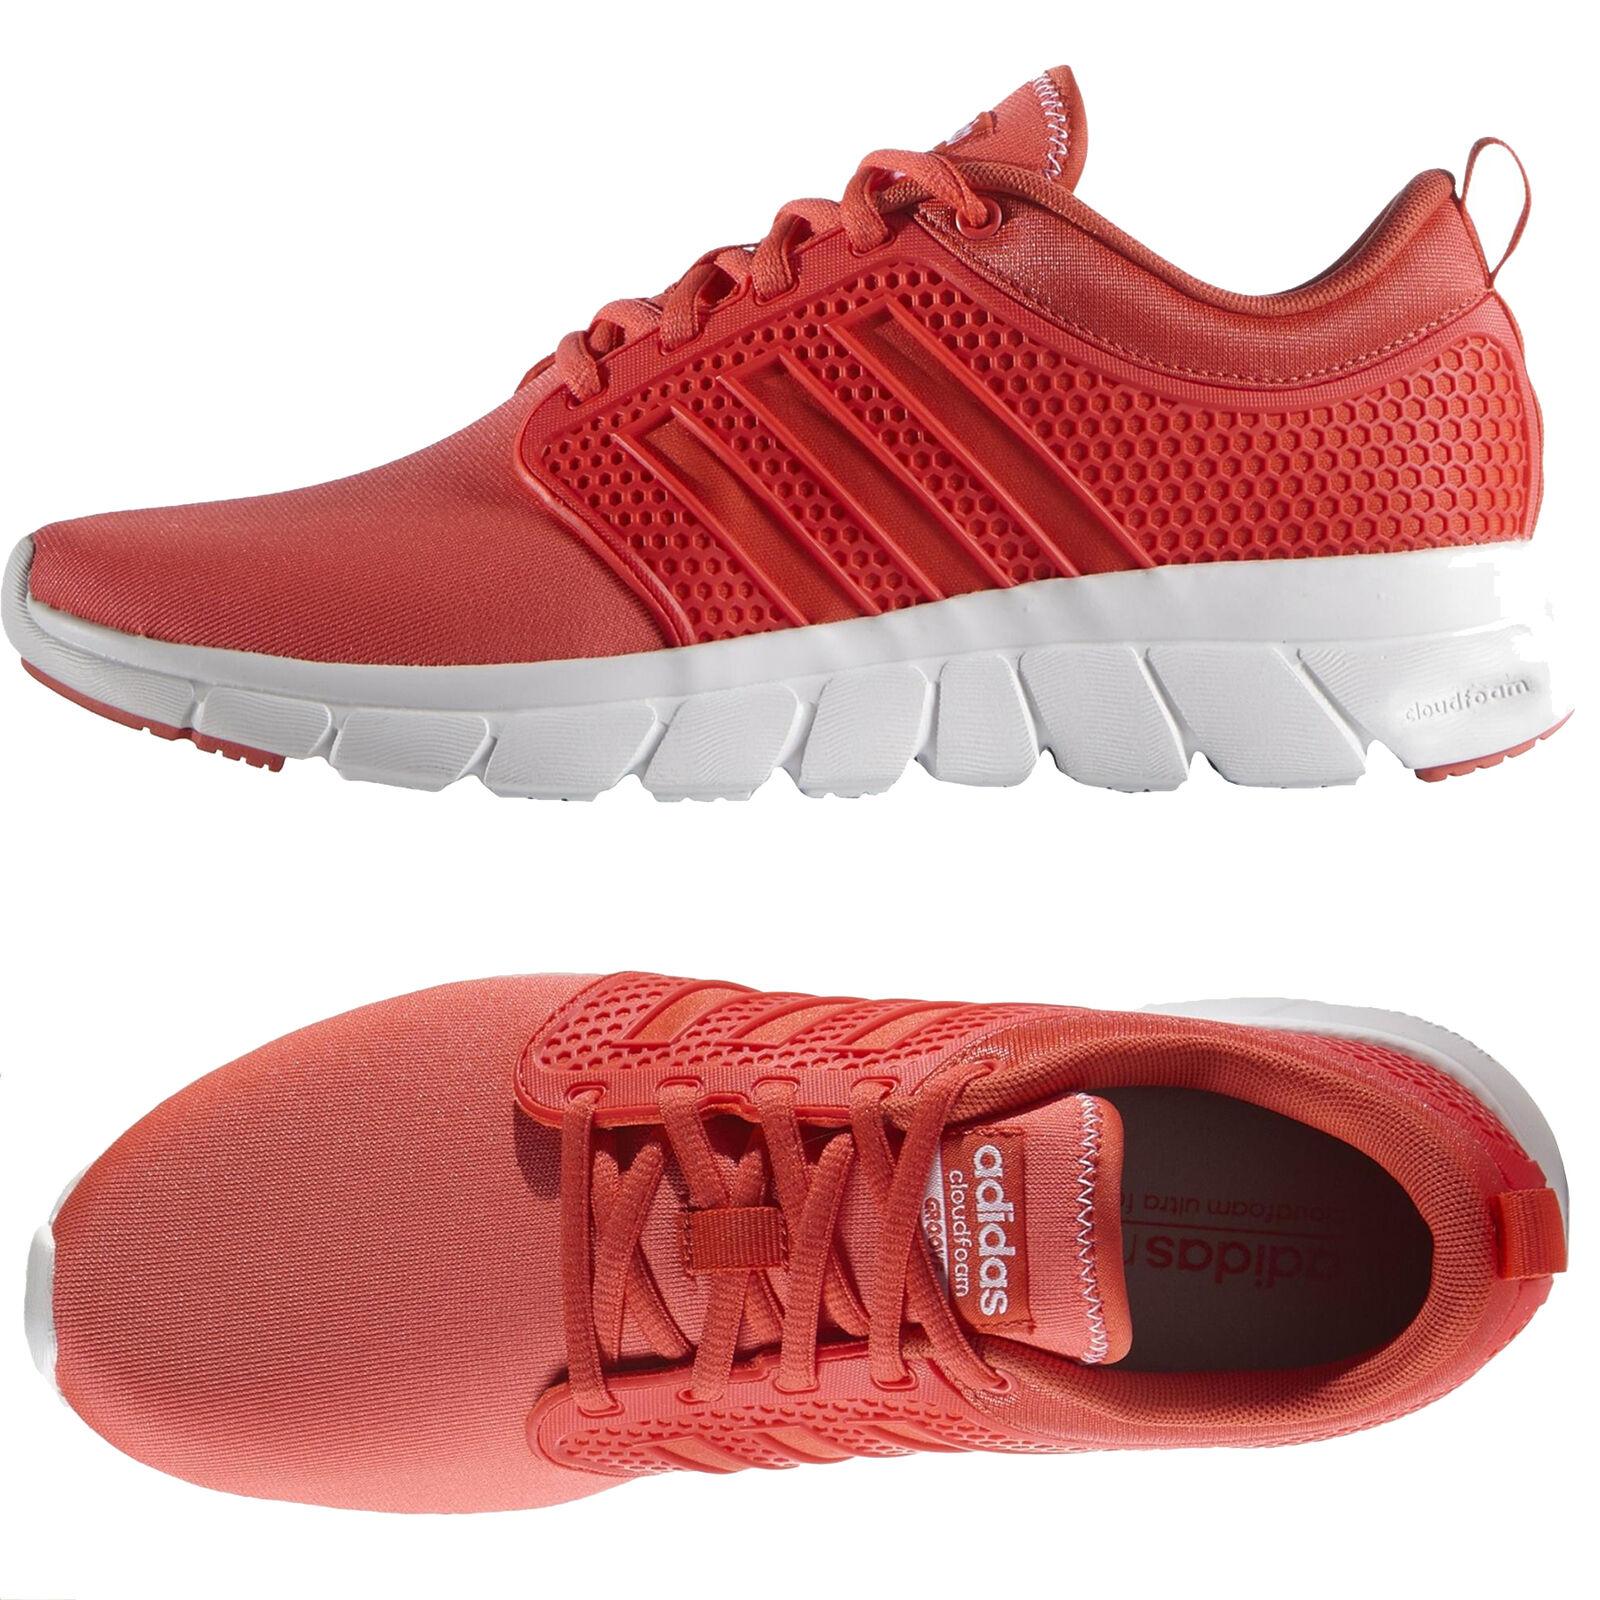 adidas cloudfoam scarpe da ginnastica donna bianca